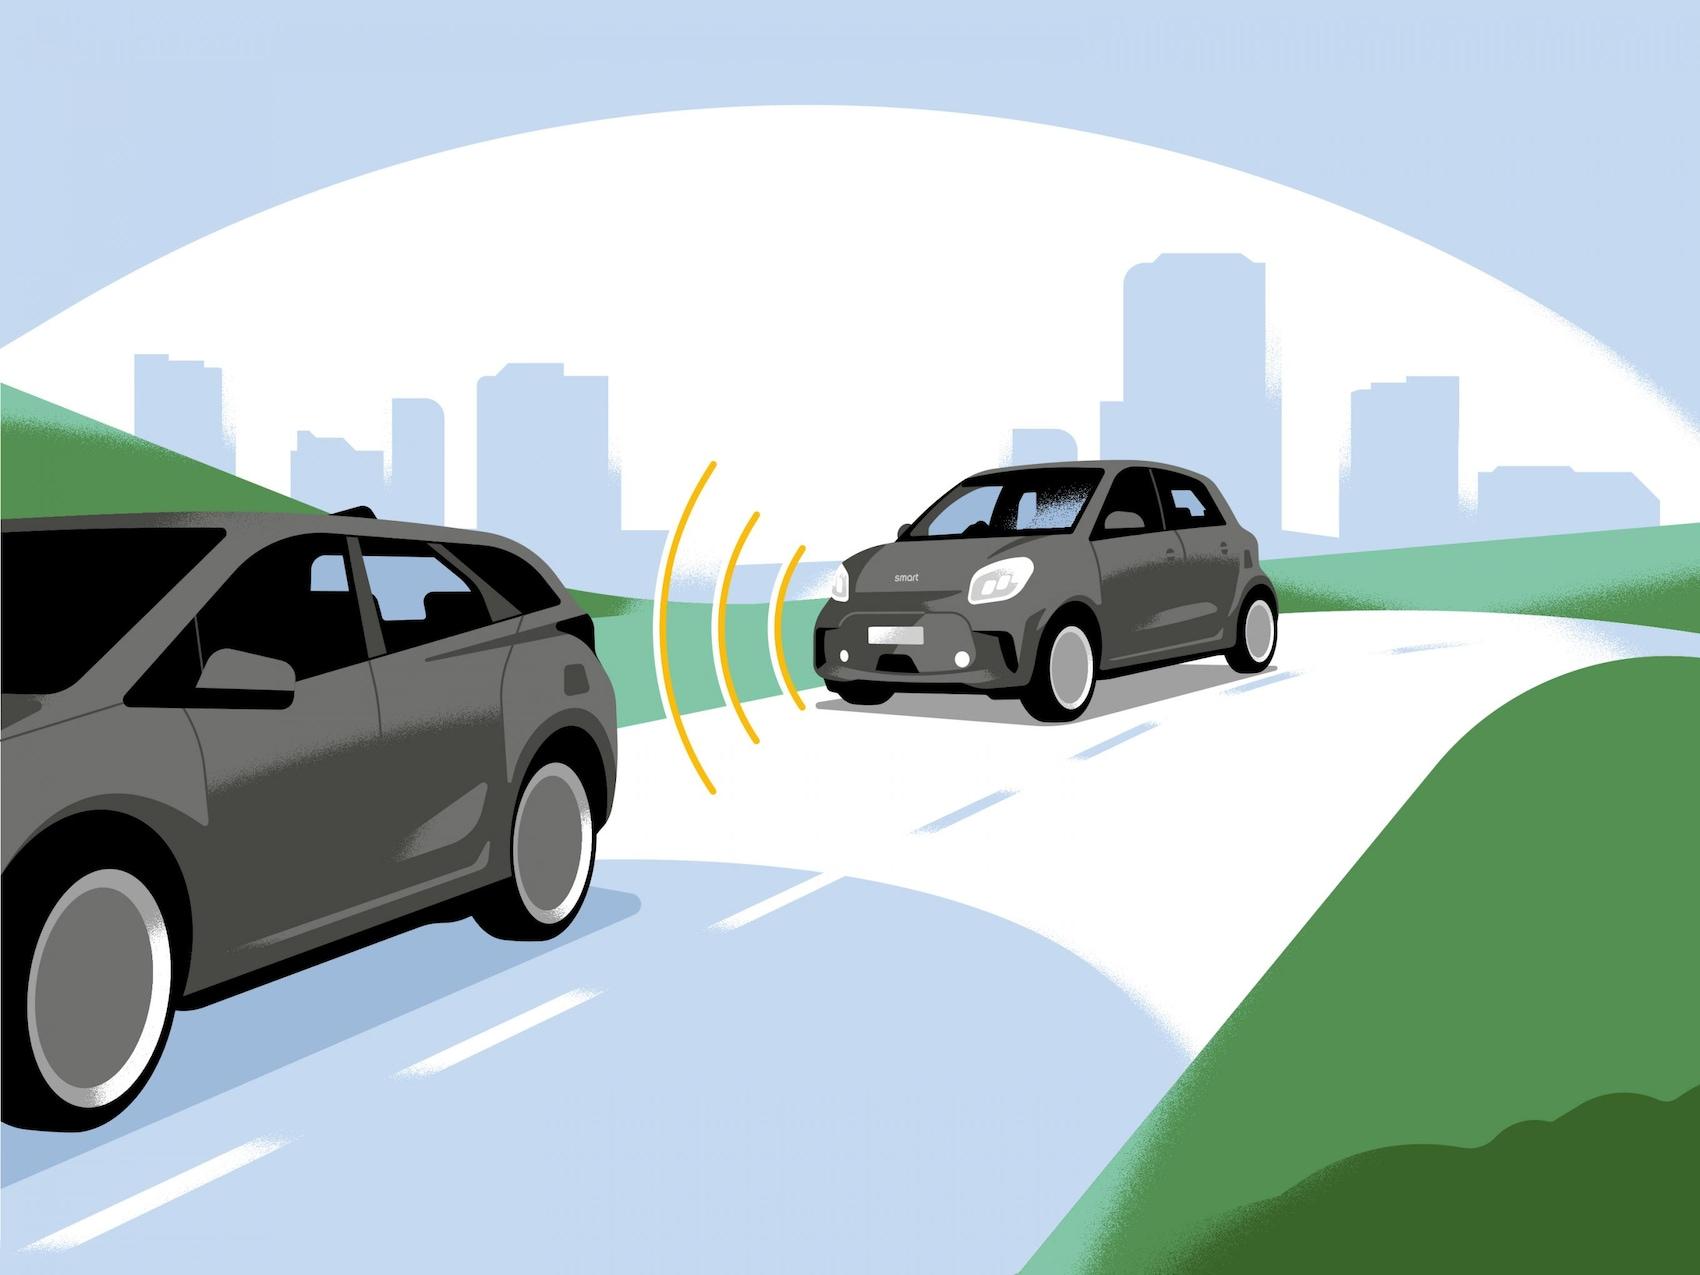 smart EQ forfour jedzie za samochodem osobowym i wykorzystuje rekuperację radarową.